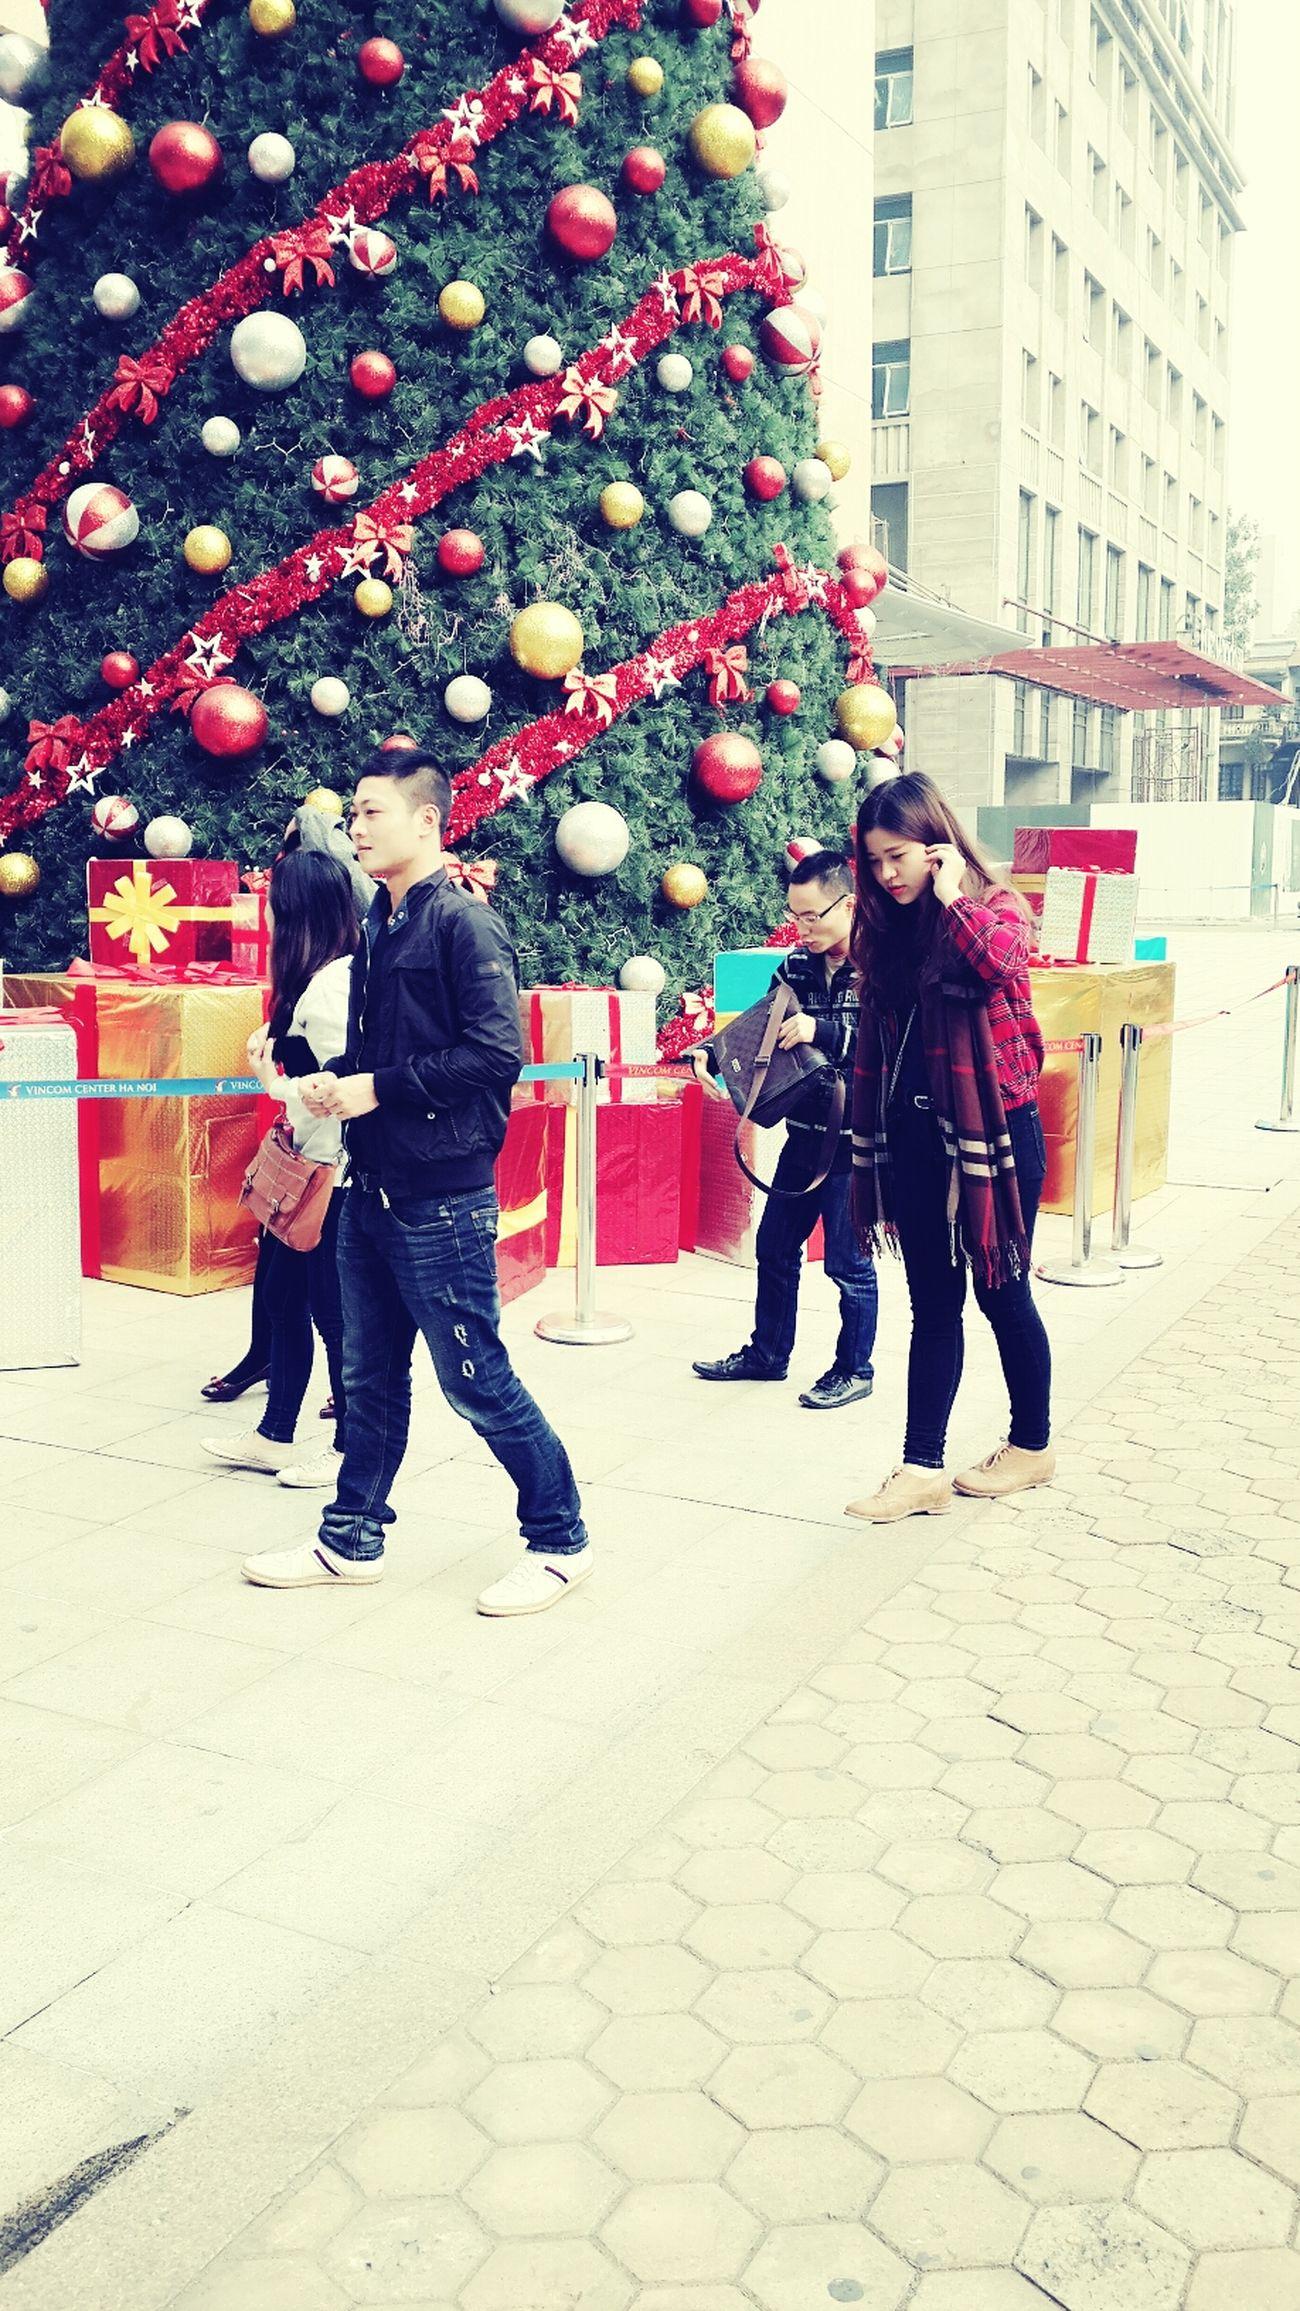 MerryChristmas ♡